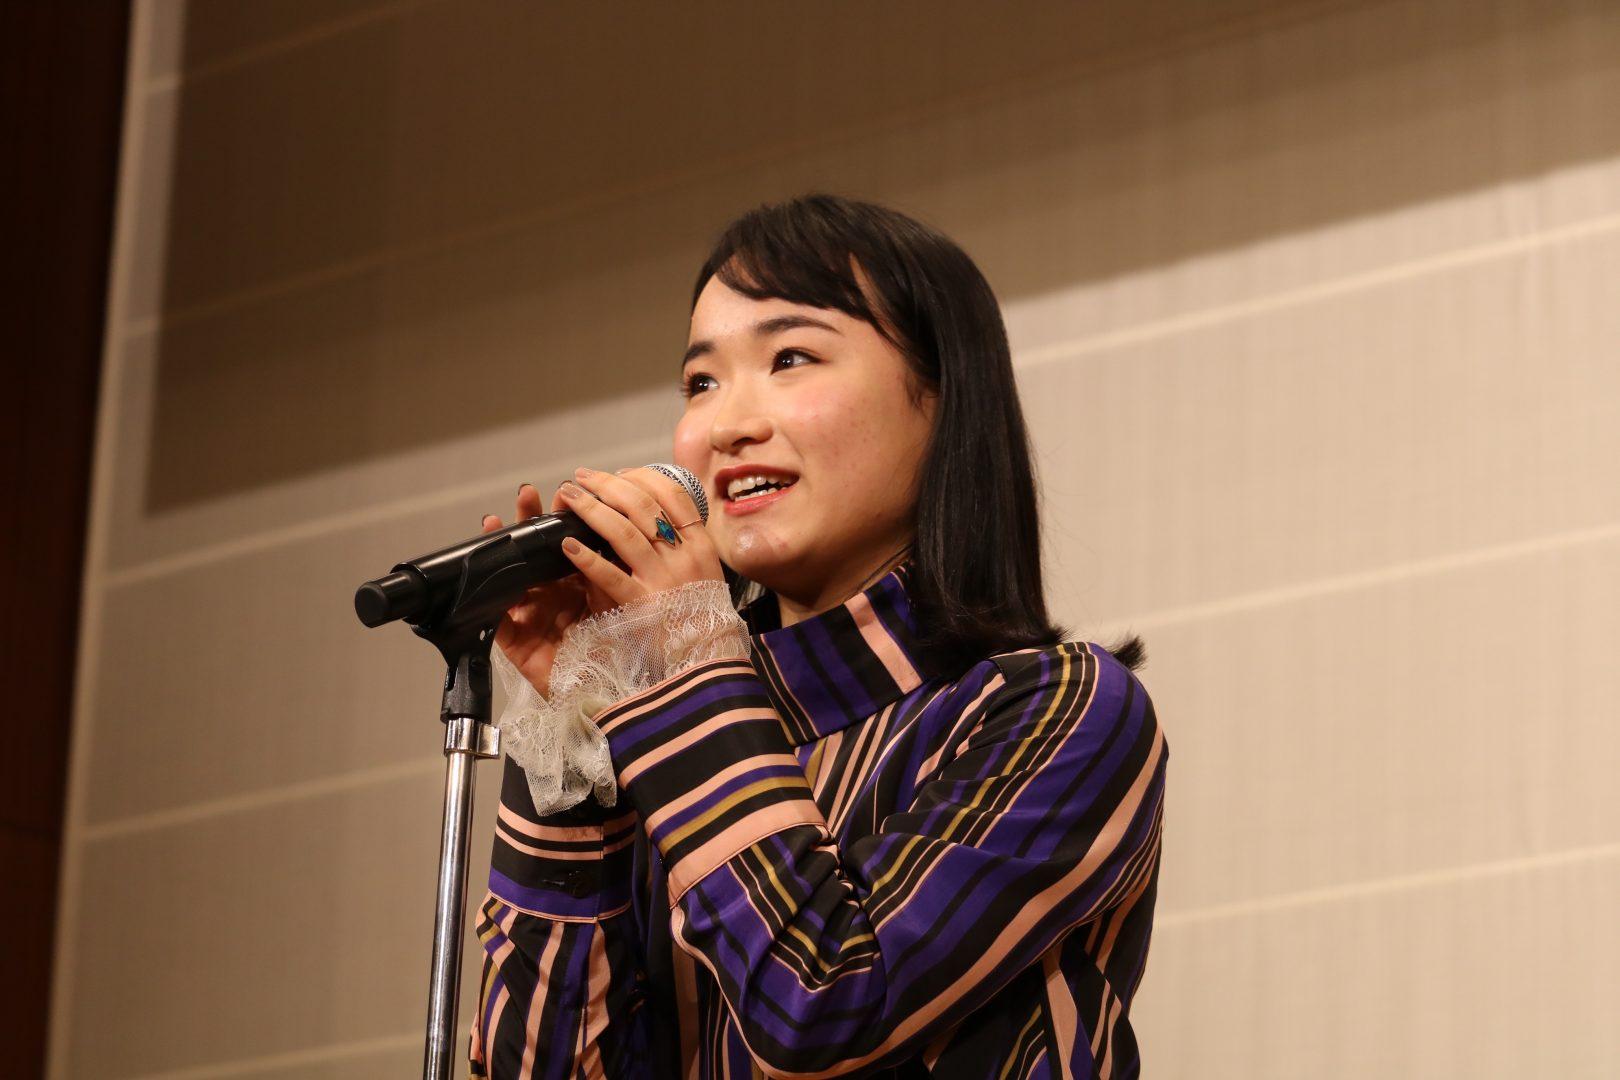 伊藤美誠「世界卓球でも3冠、本気です」 カギはサーブにあり